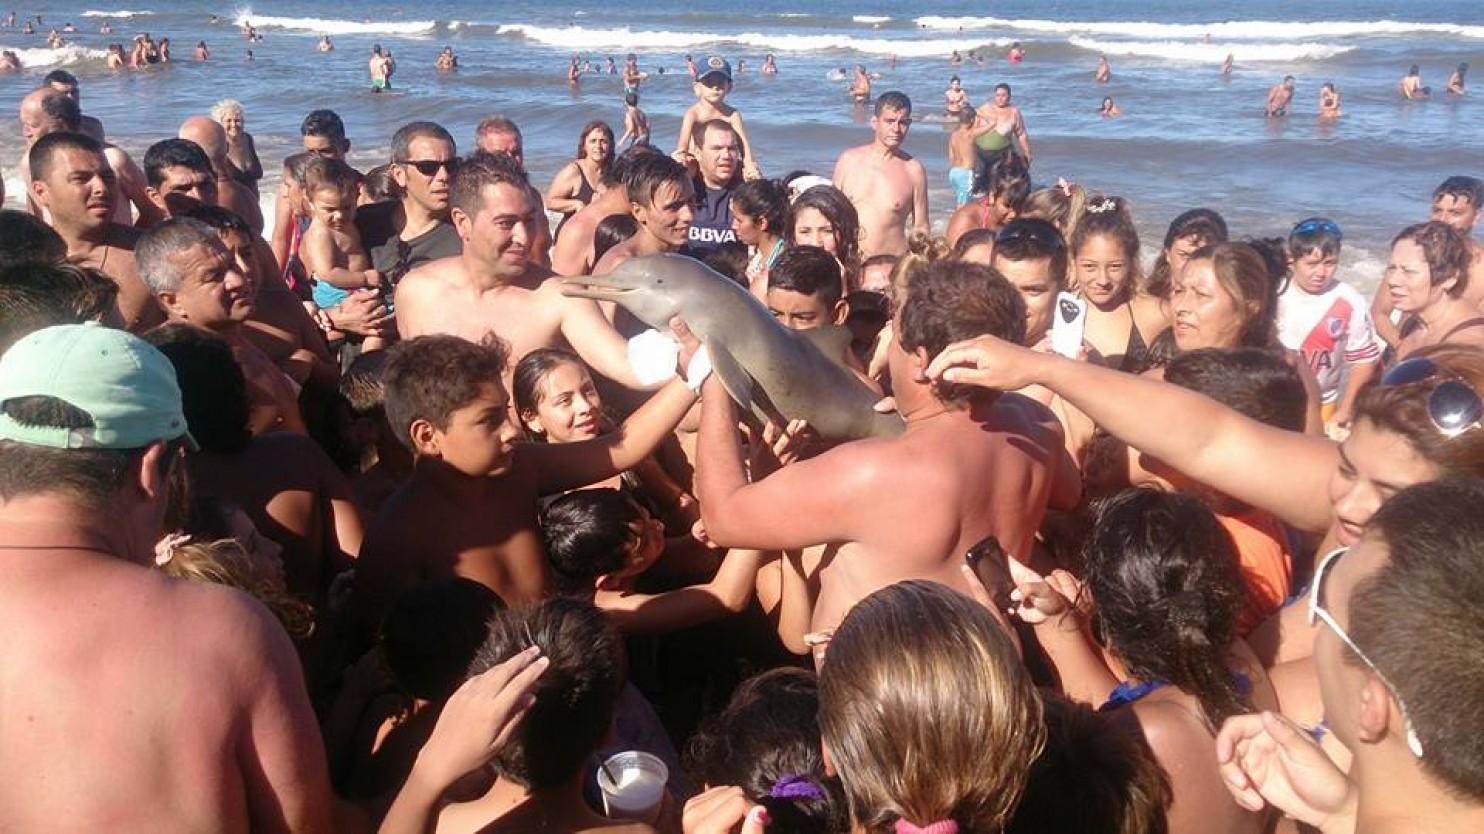 Megölték a kisdelfint